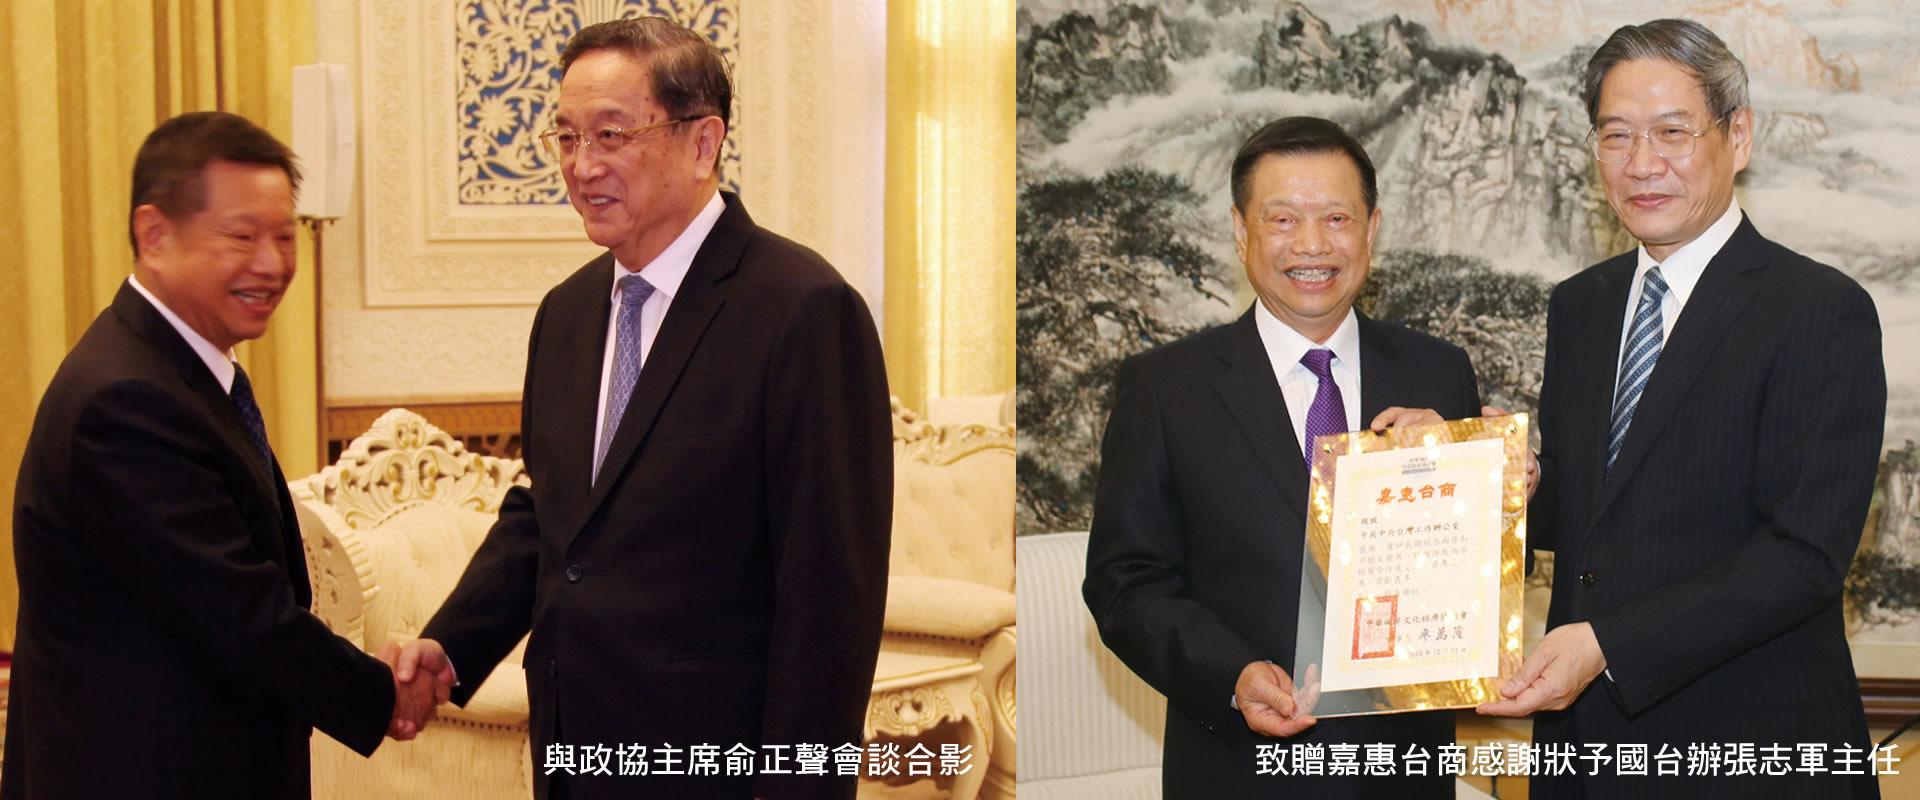 中華兩岸文化經濟協進會(首頁形象圖)-003